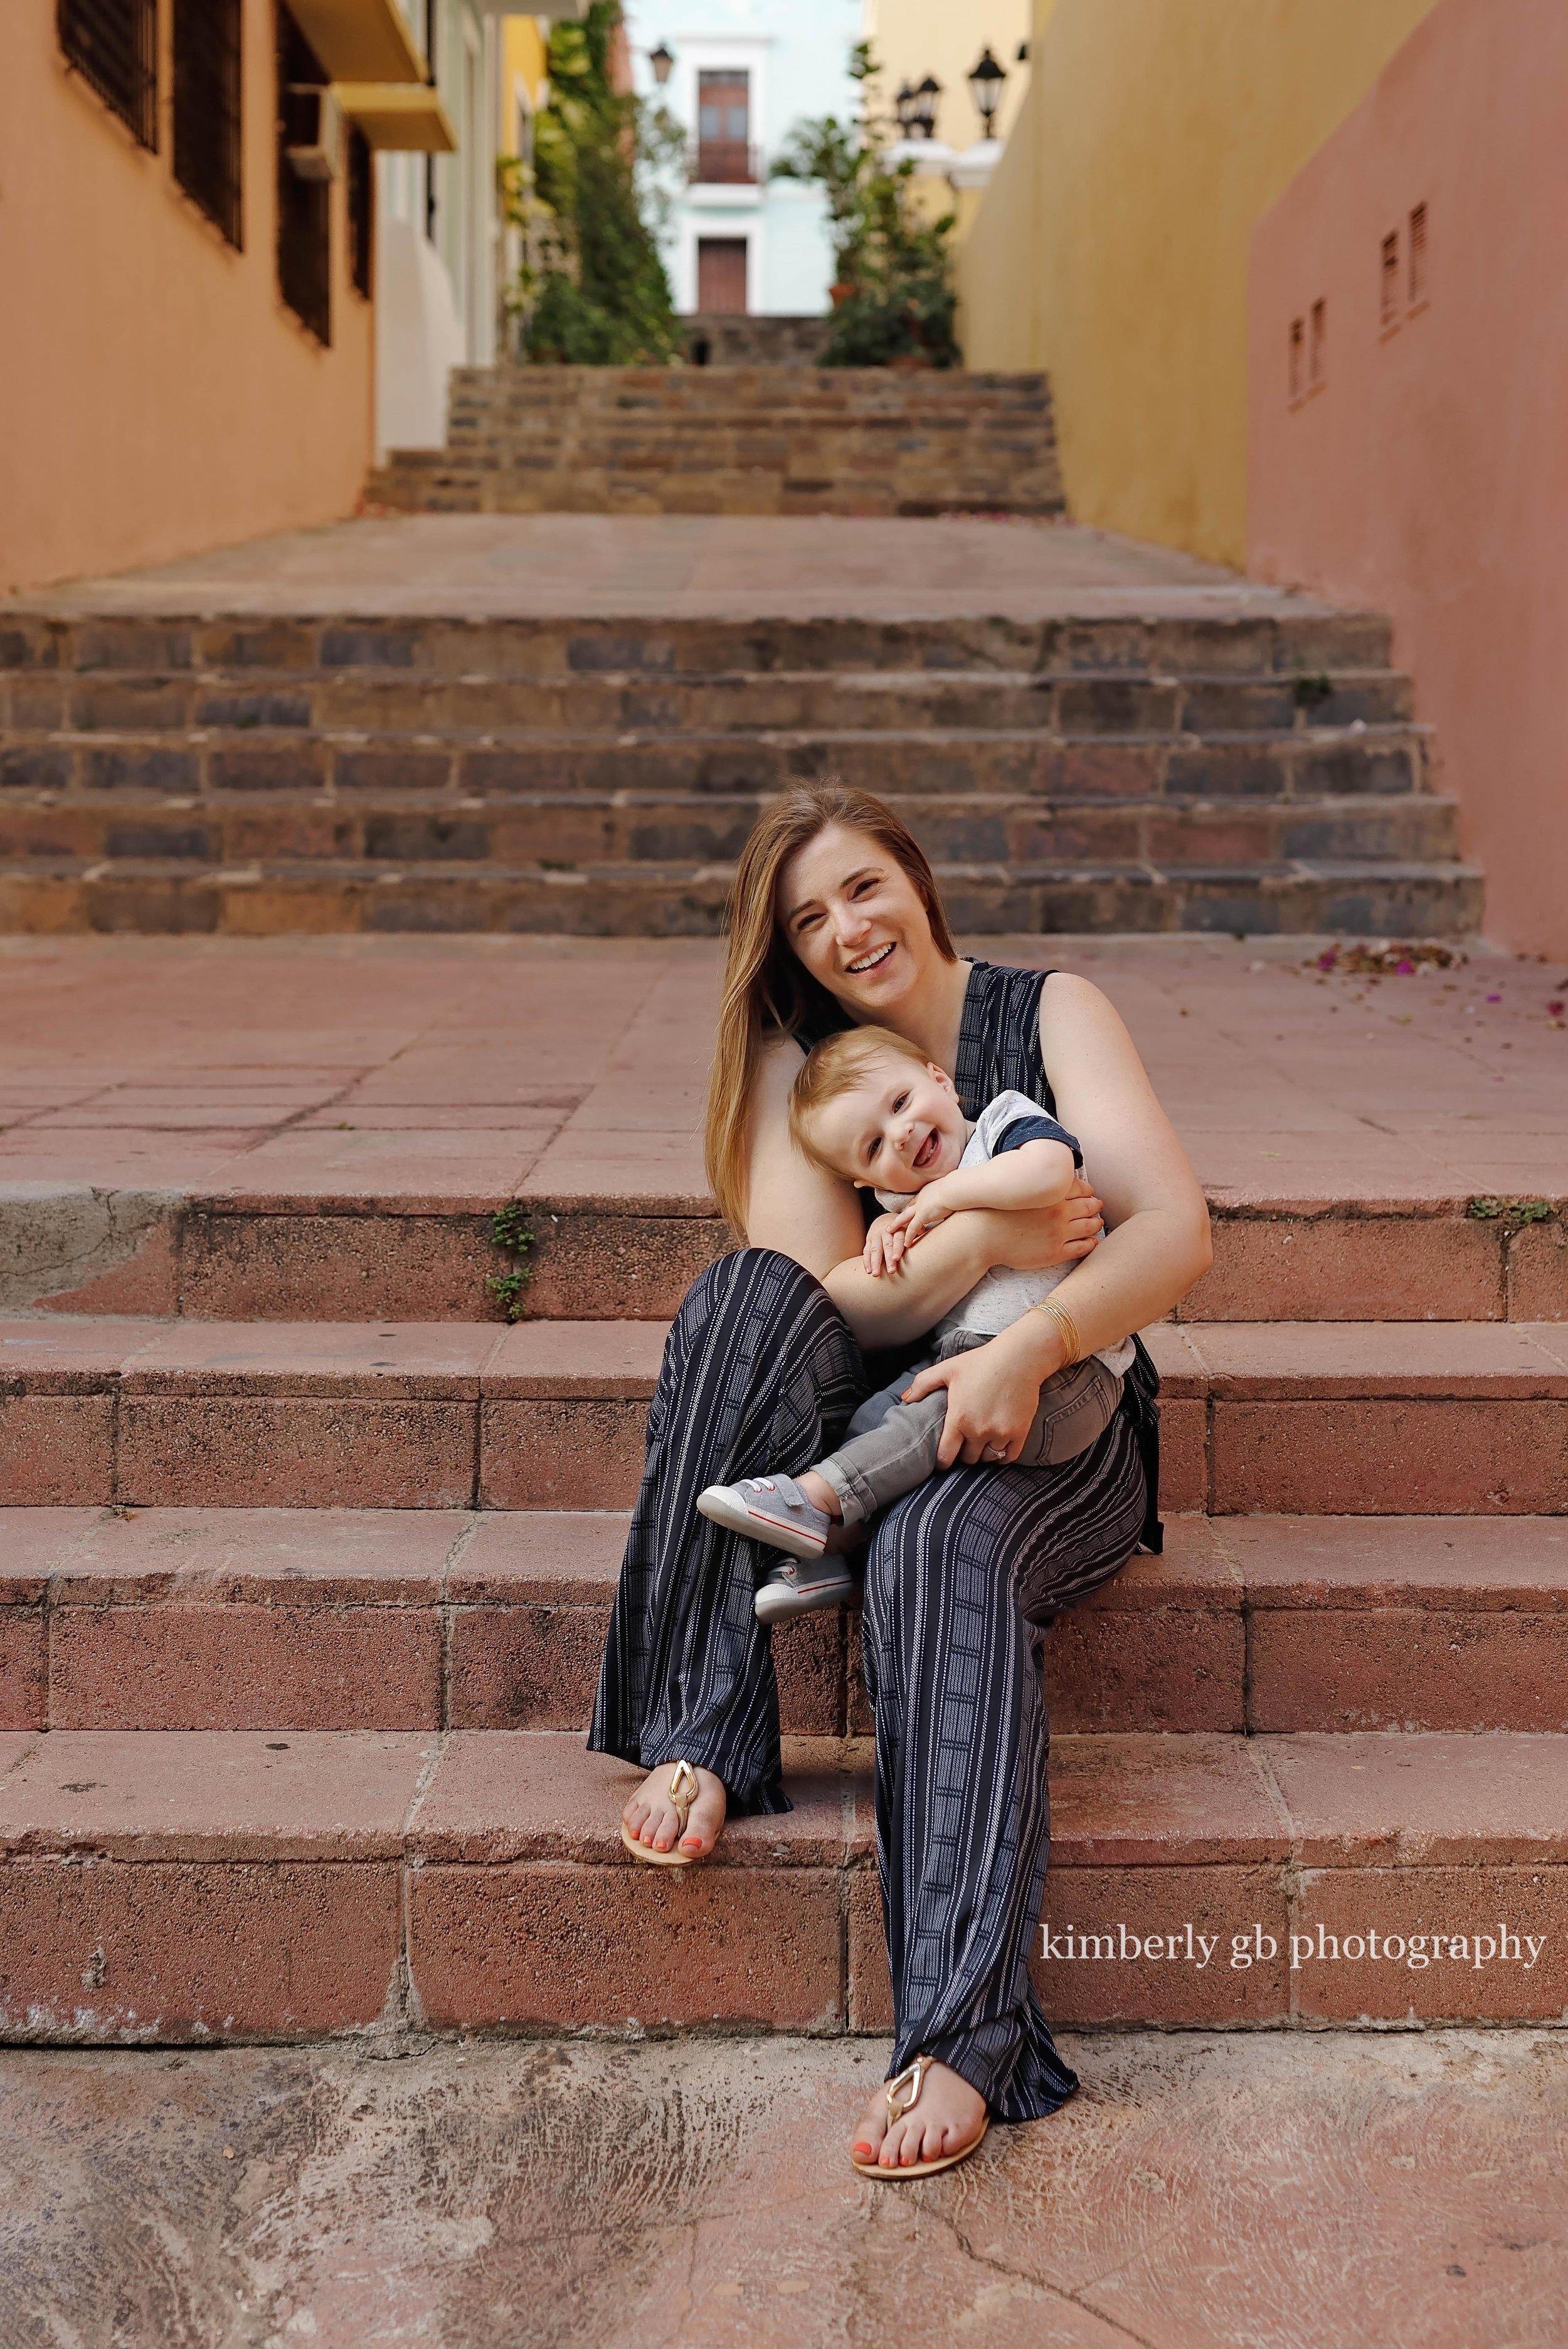 kimberly-gb-photography-fotografa-portrait-retrato-family-familia-puerto-rico-108.jpg